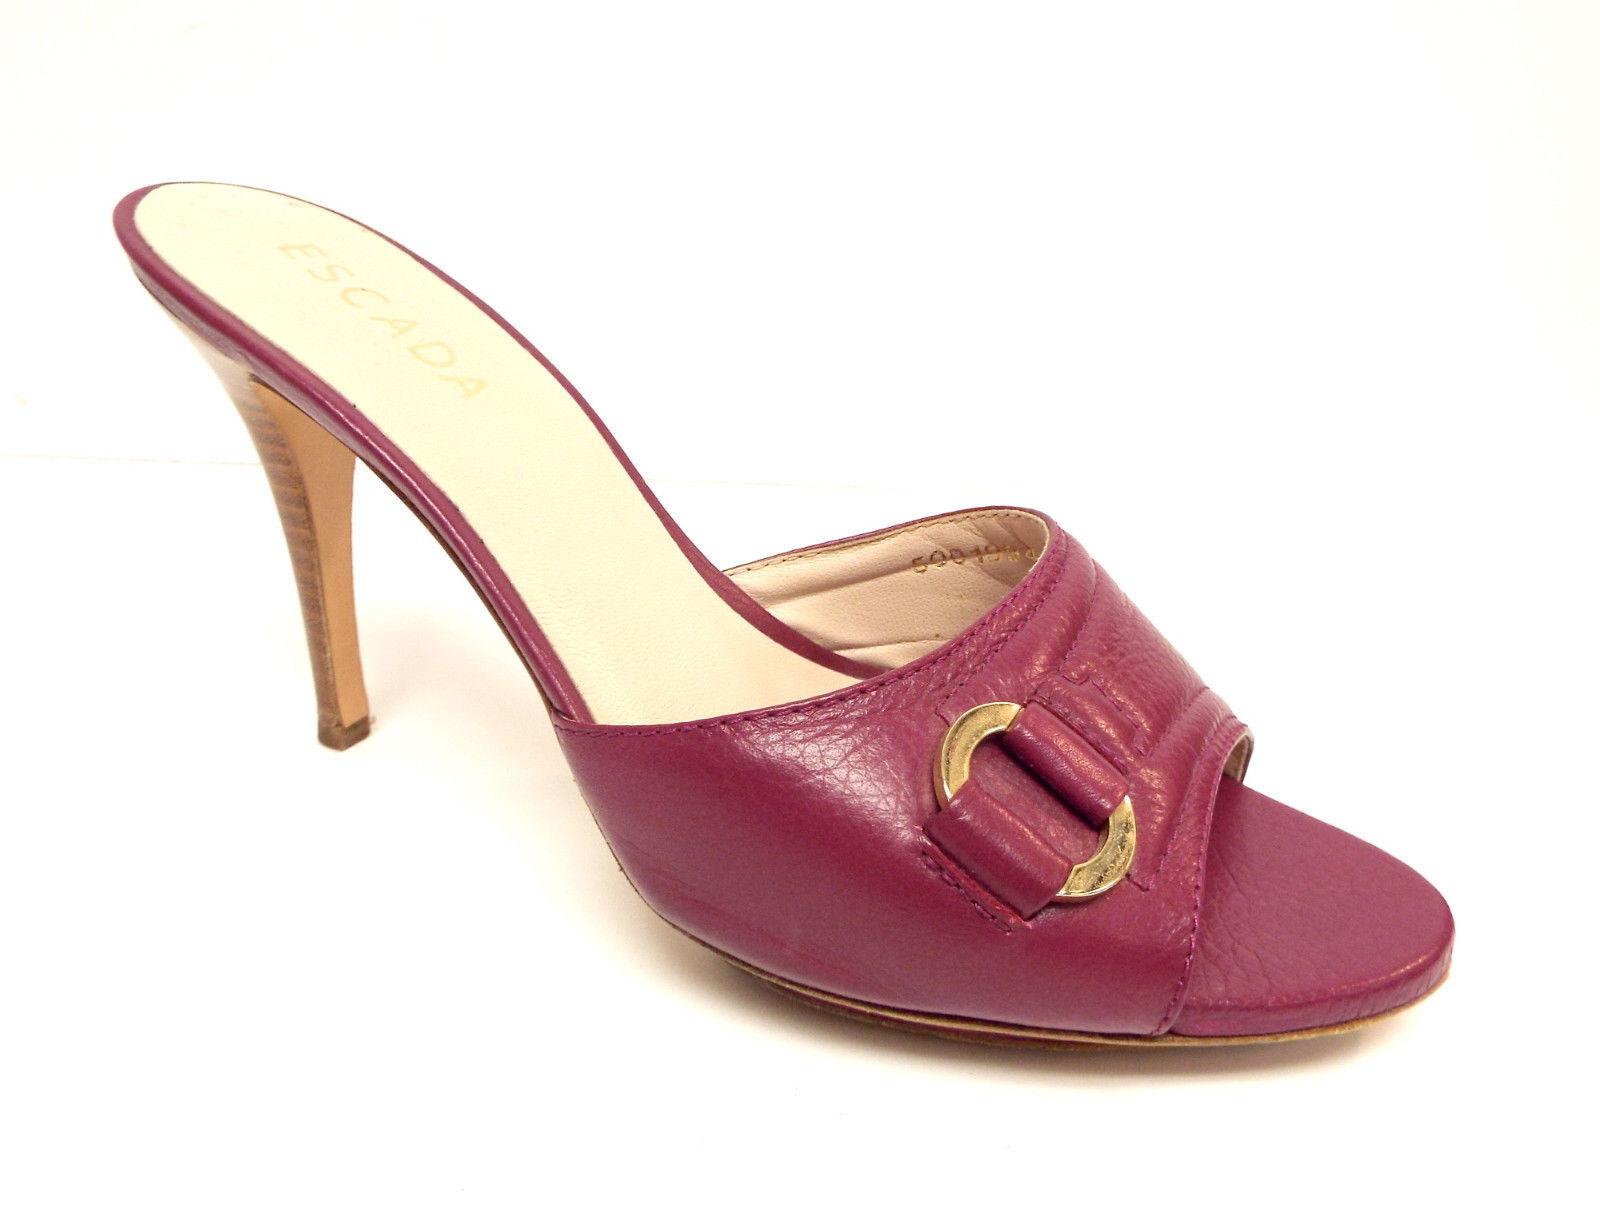 ordinare on-line ESCADA ESCADA ESCADA Dimensione 8.5 Fuchsia rosa Leather Slide Heels Sandals scarpe 39  consegna gratuita